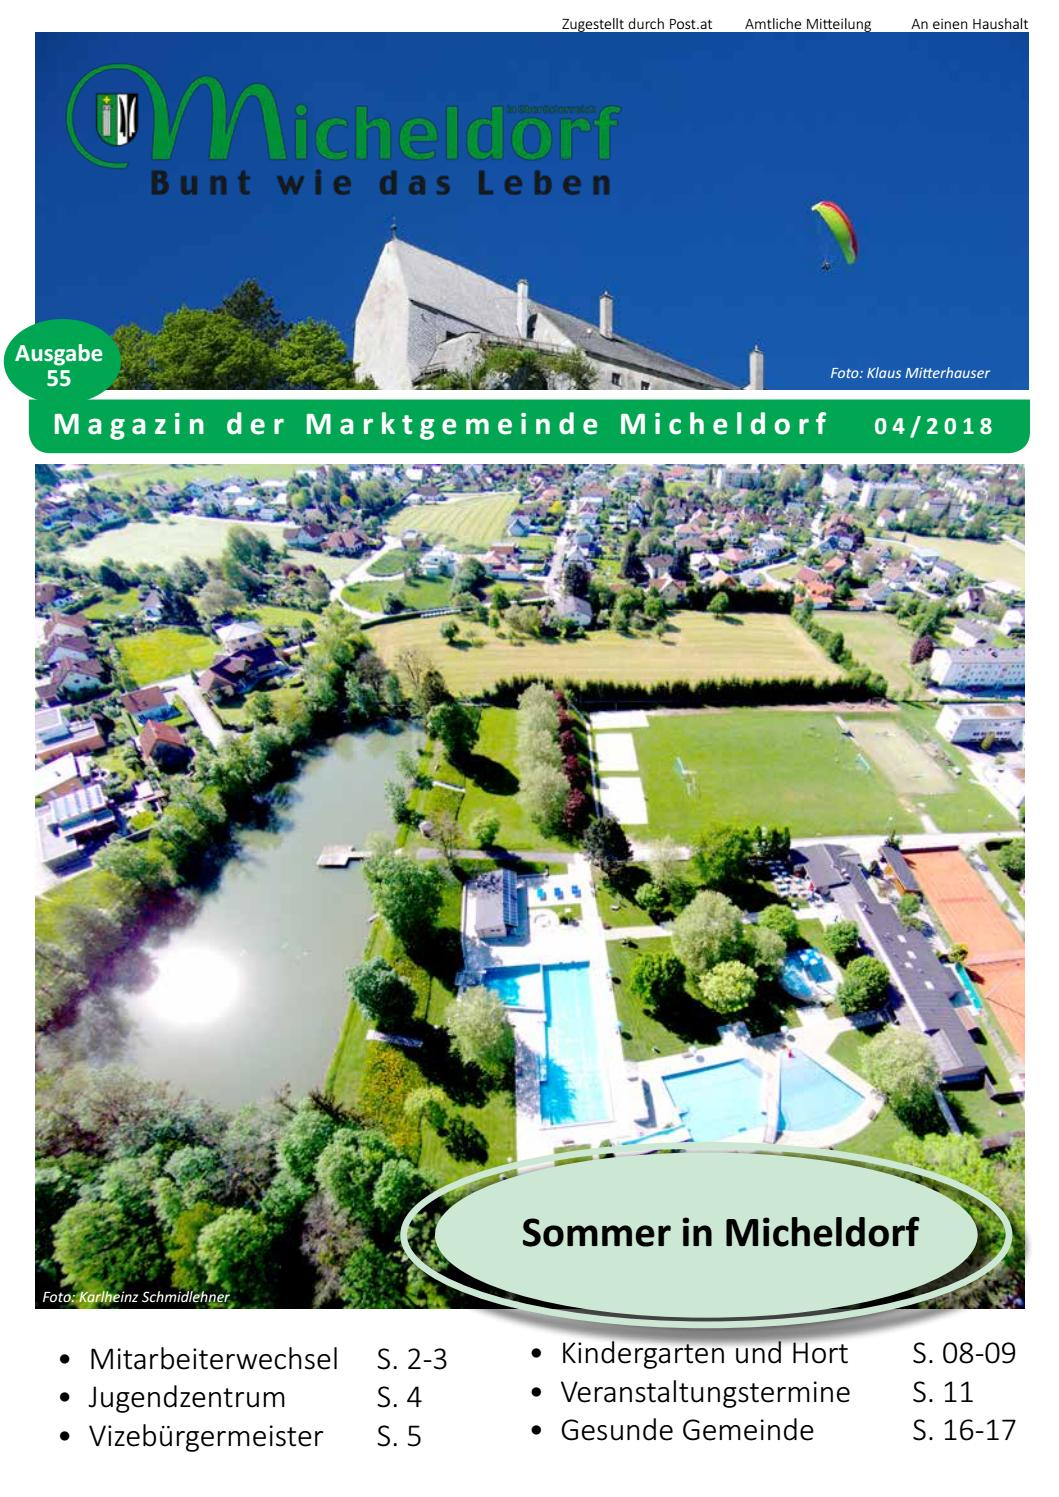 Micheldorf in obersterreich senioren kennenlernen - Pressbaum